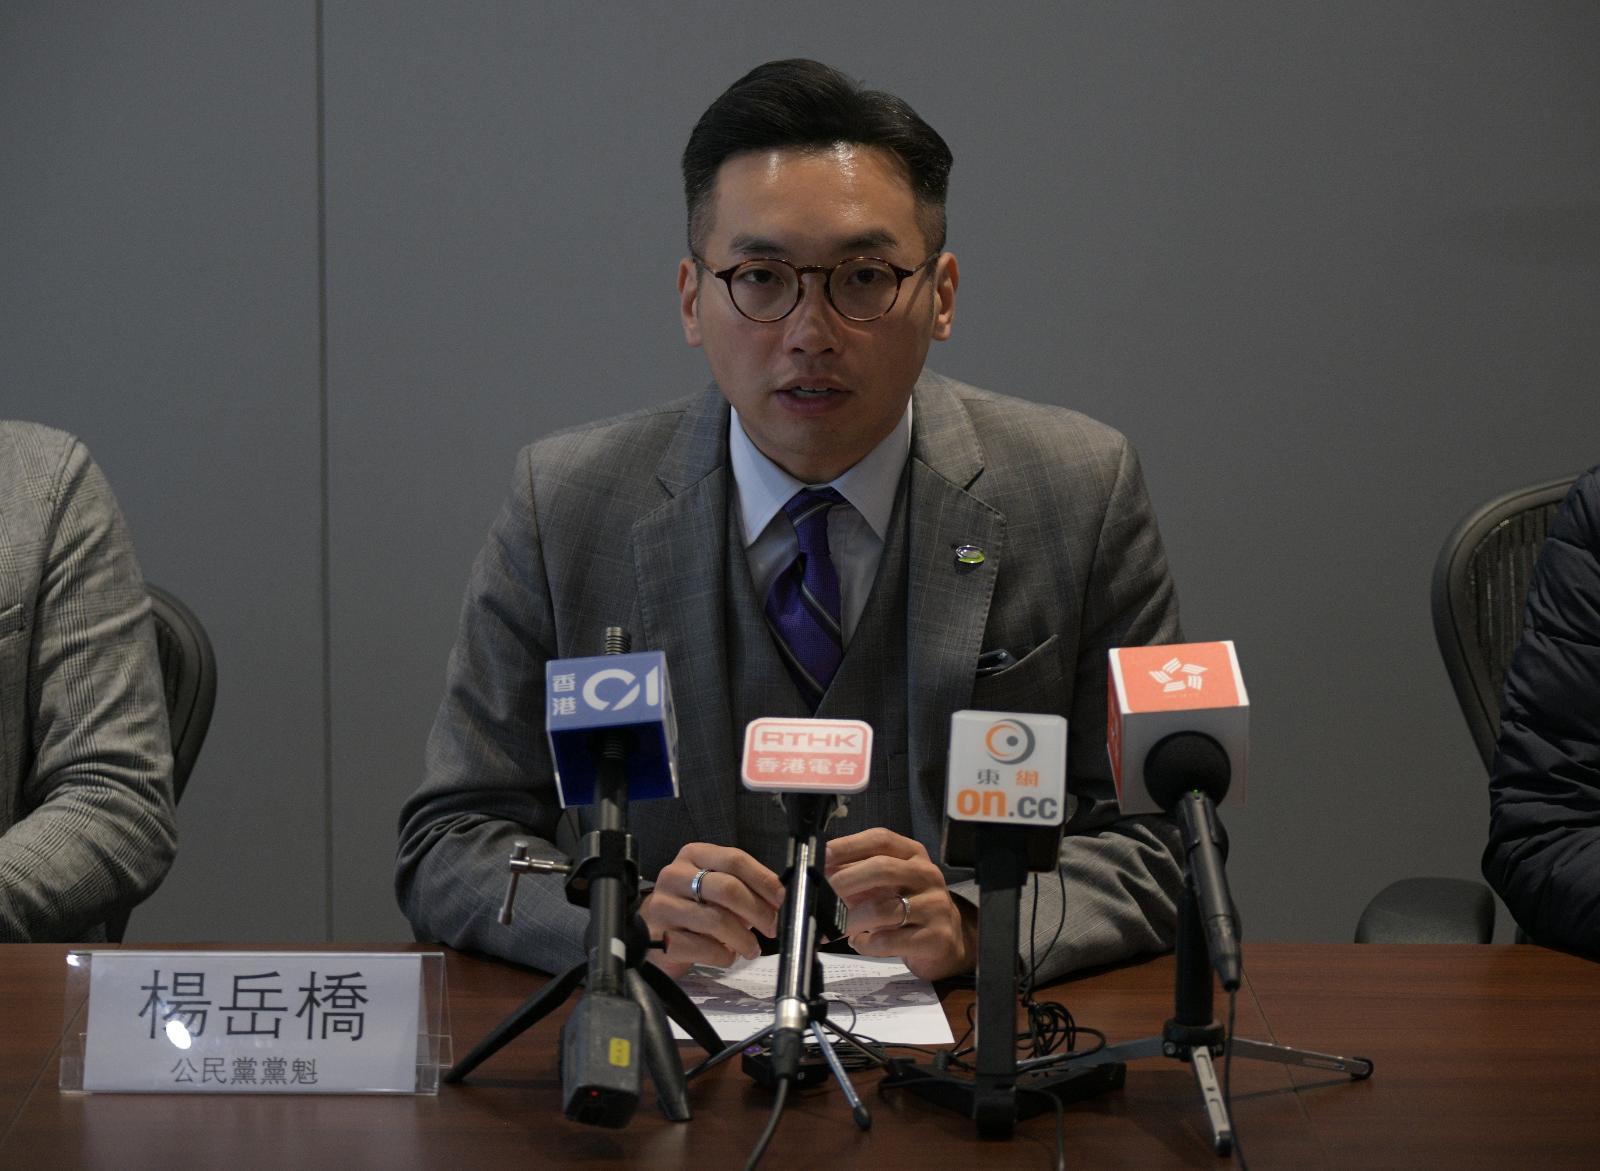 公民党提「百日议程」 涉区议会改革 倡跟进警暴问题